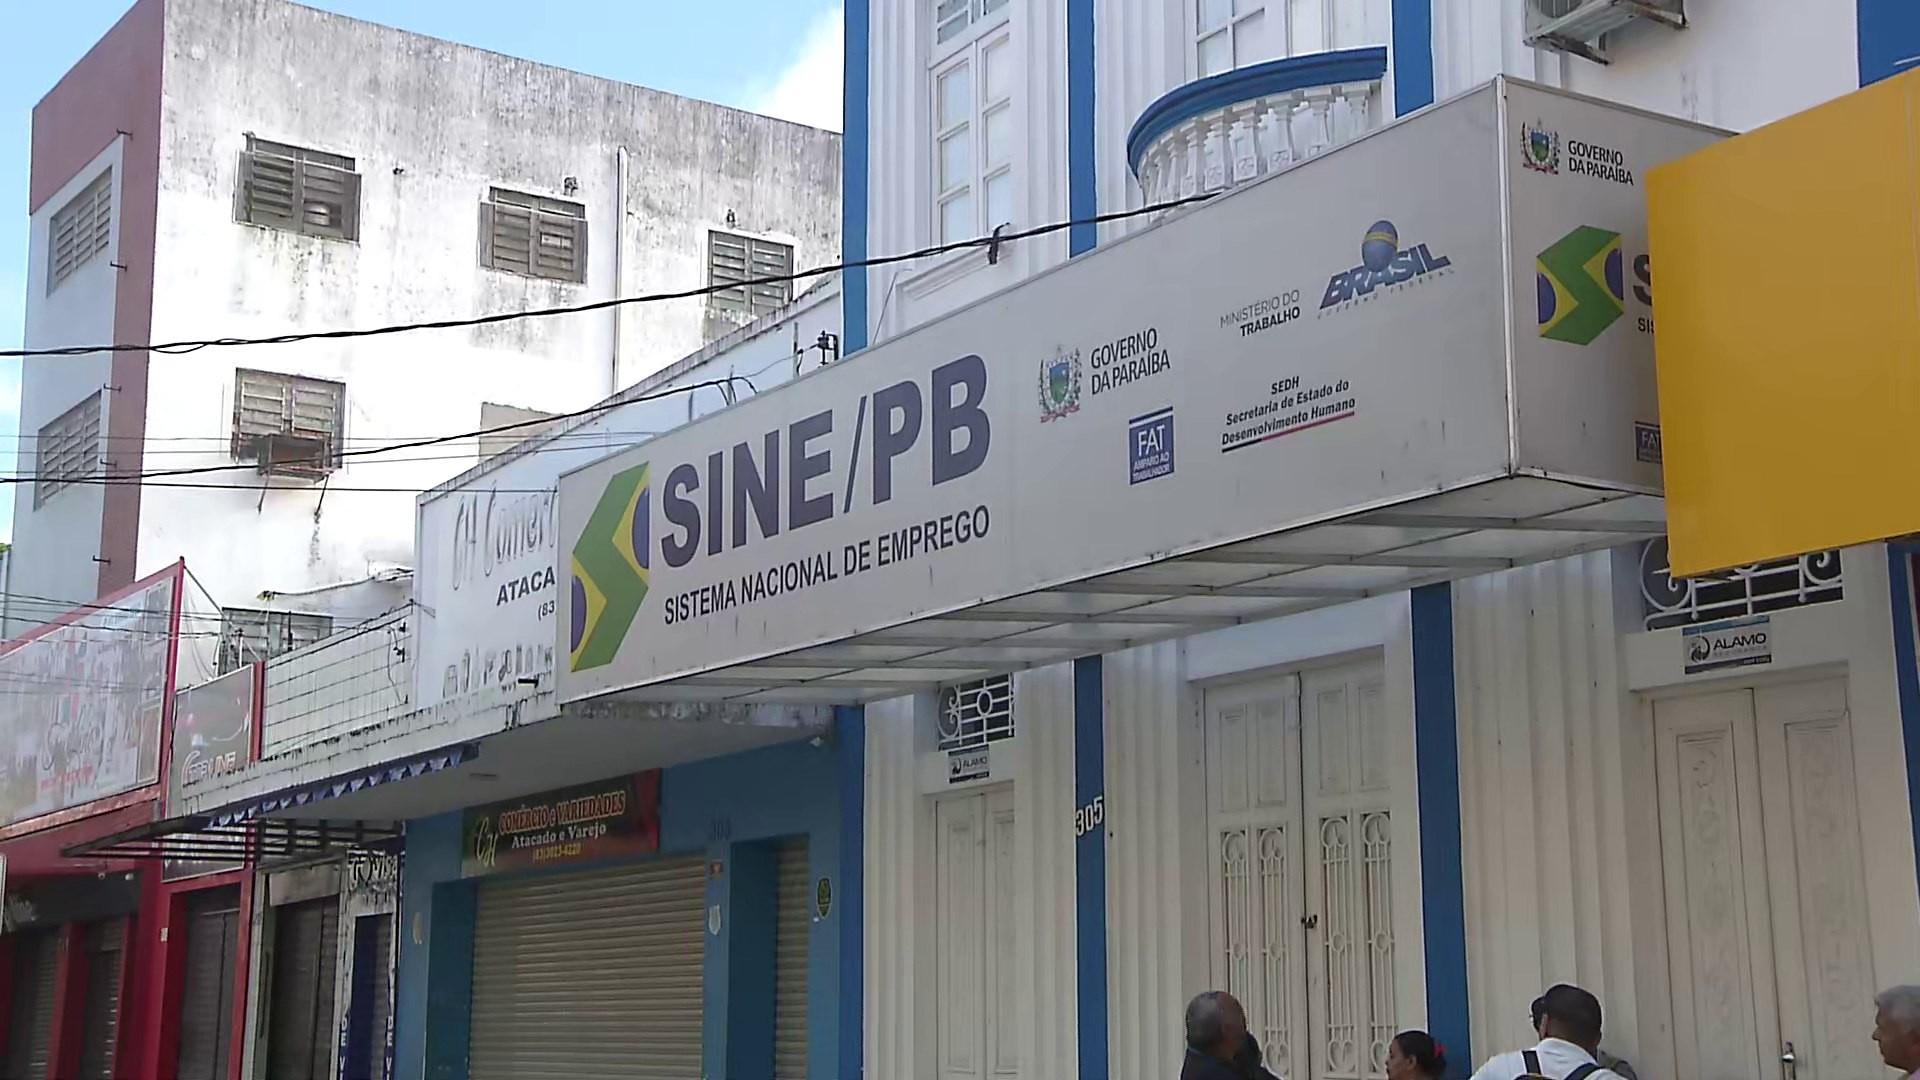 Veja as 558 vagas de emprego ofertadas pelo Sine-PB, nesta sexta-feira (23)